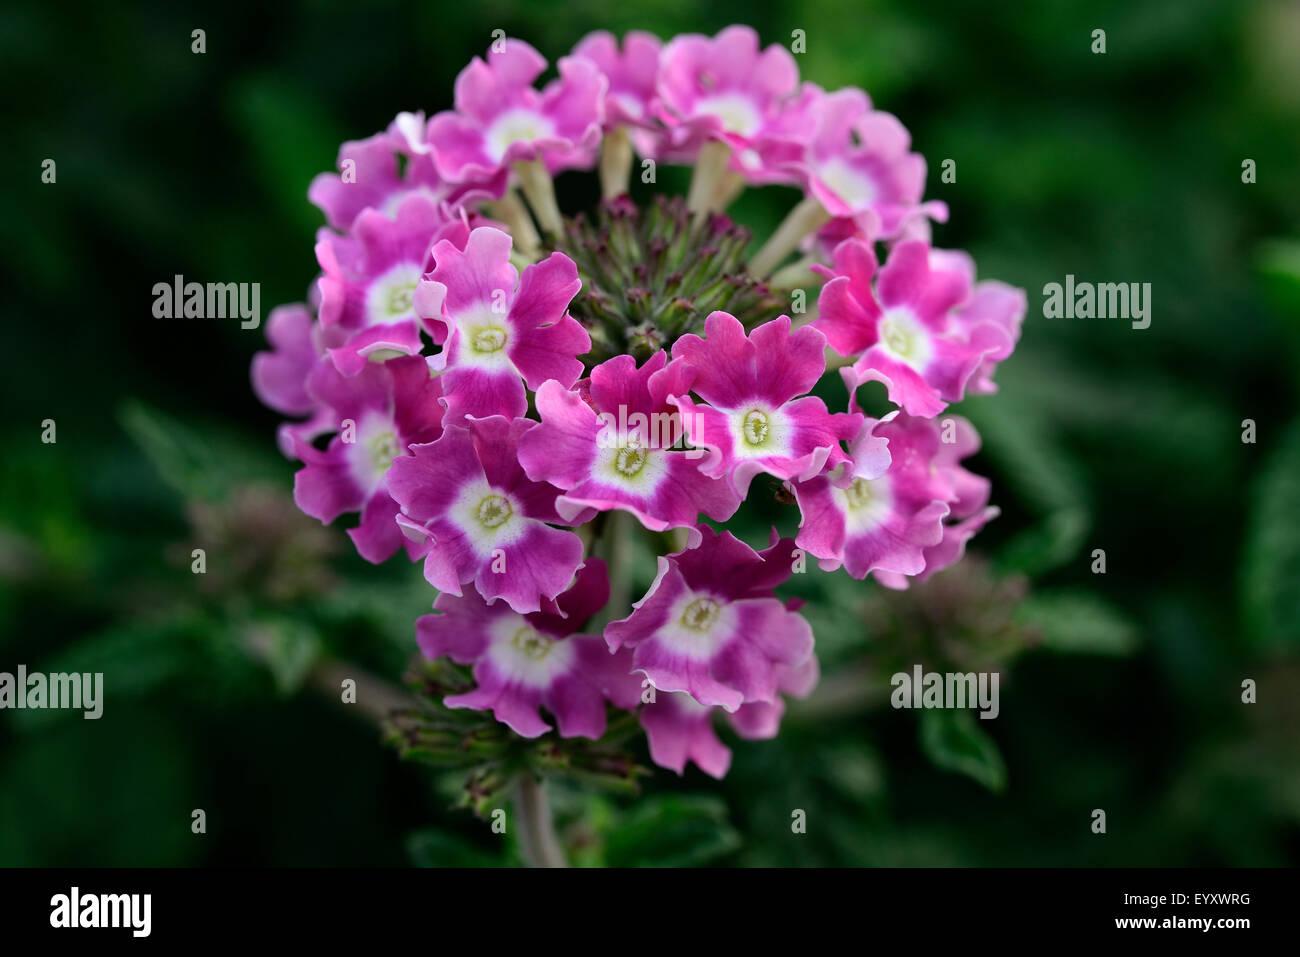 Creeping Lantana Stock Photos Creeping Lantana Stock Images Alamy